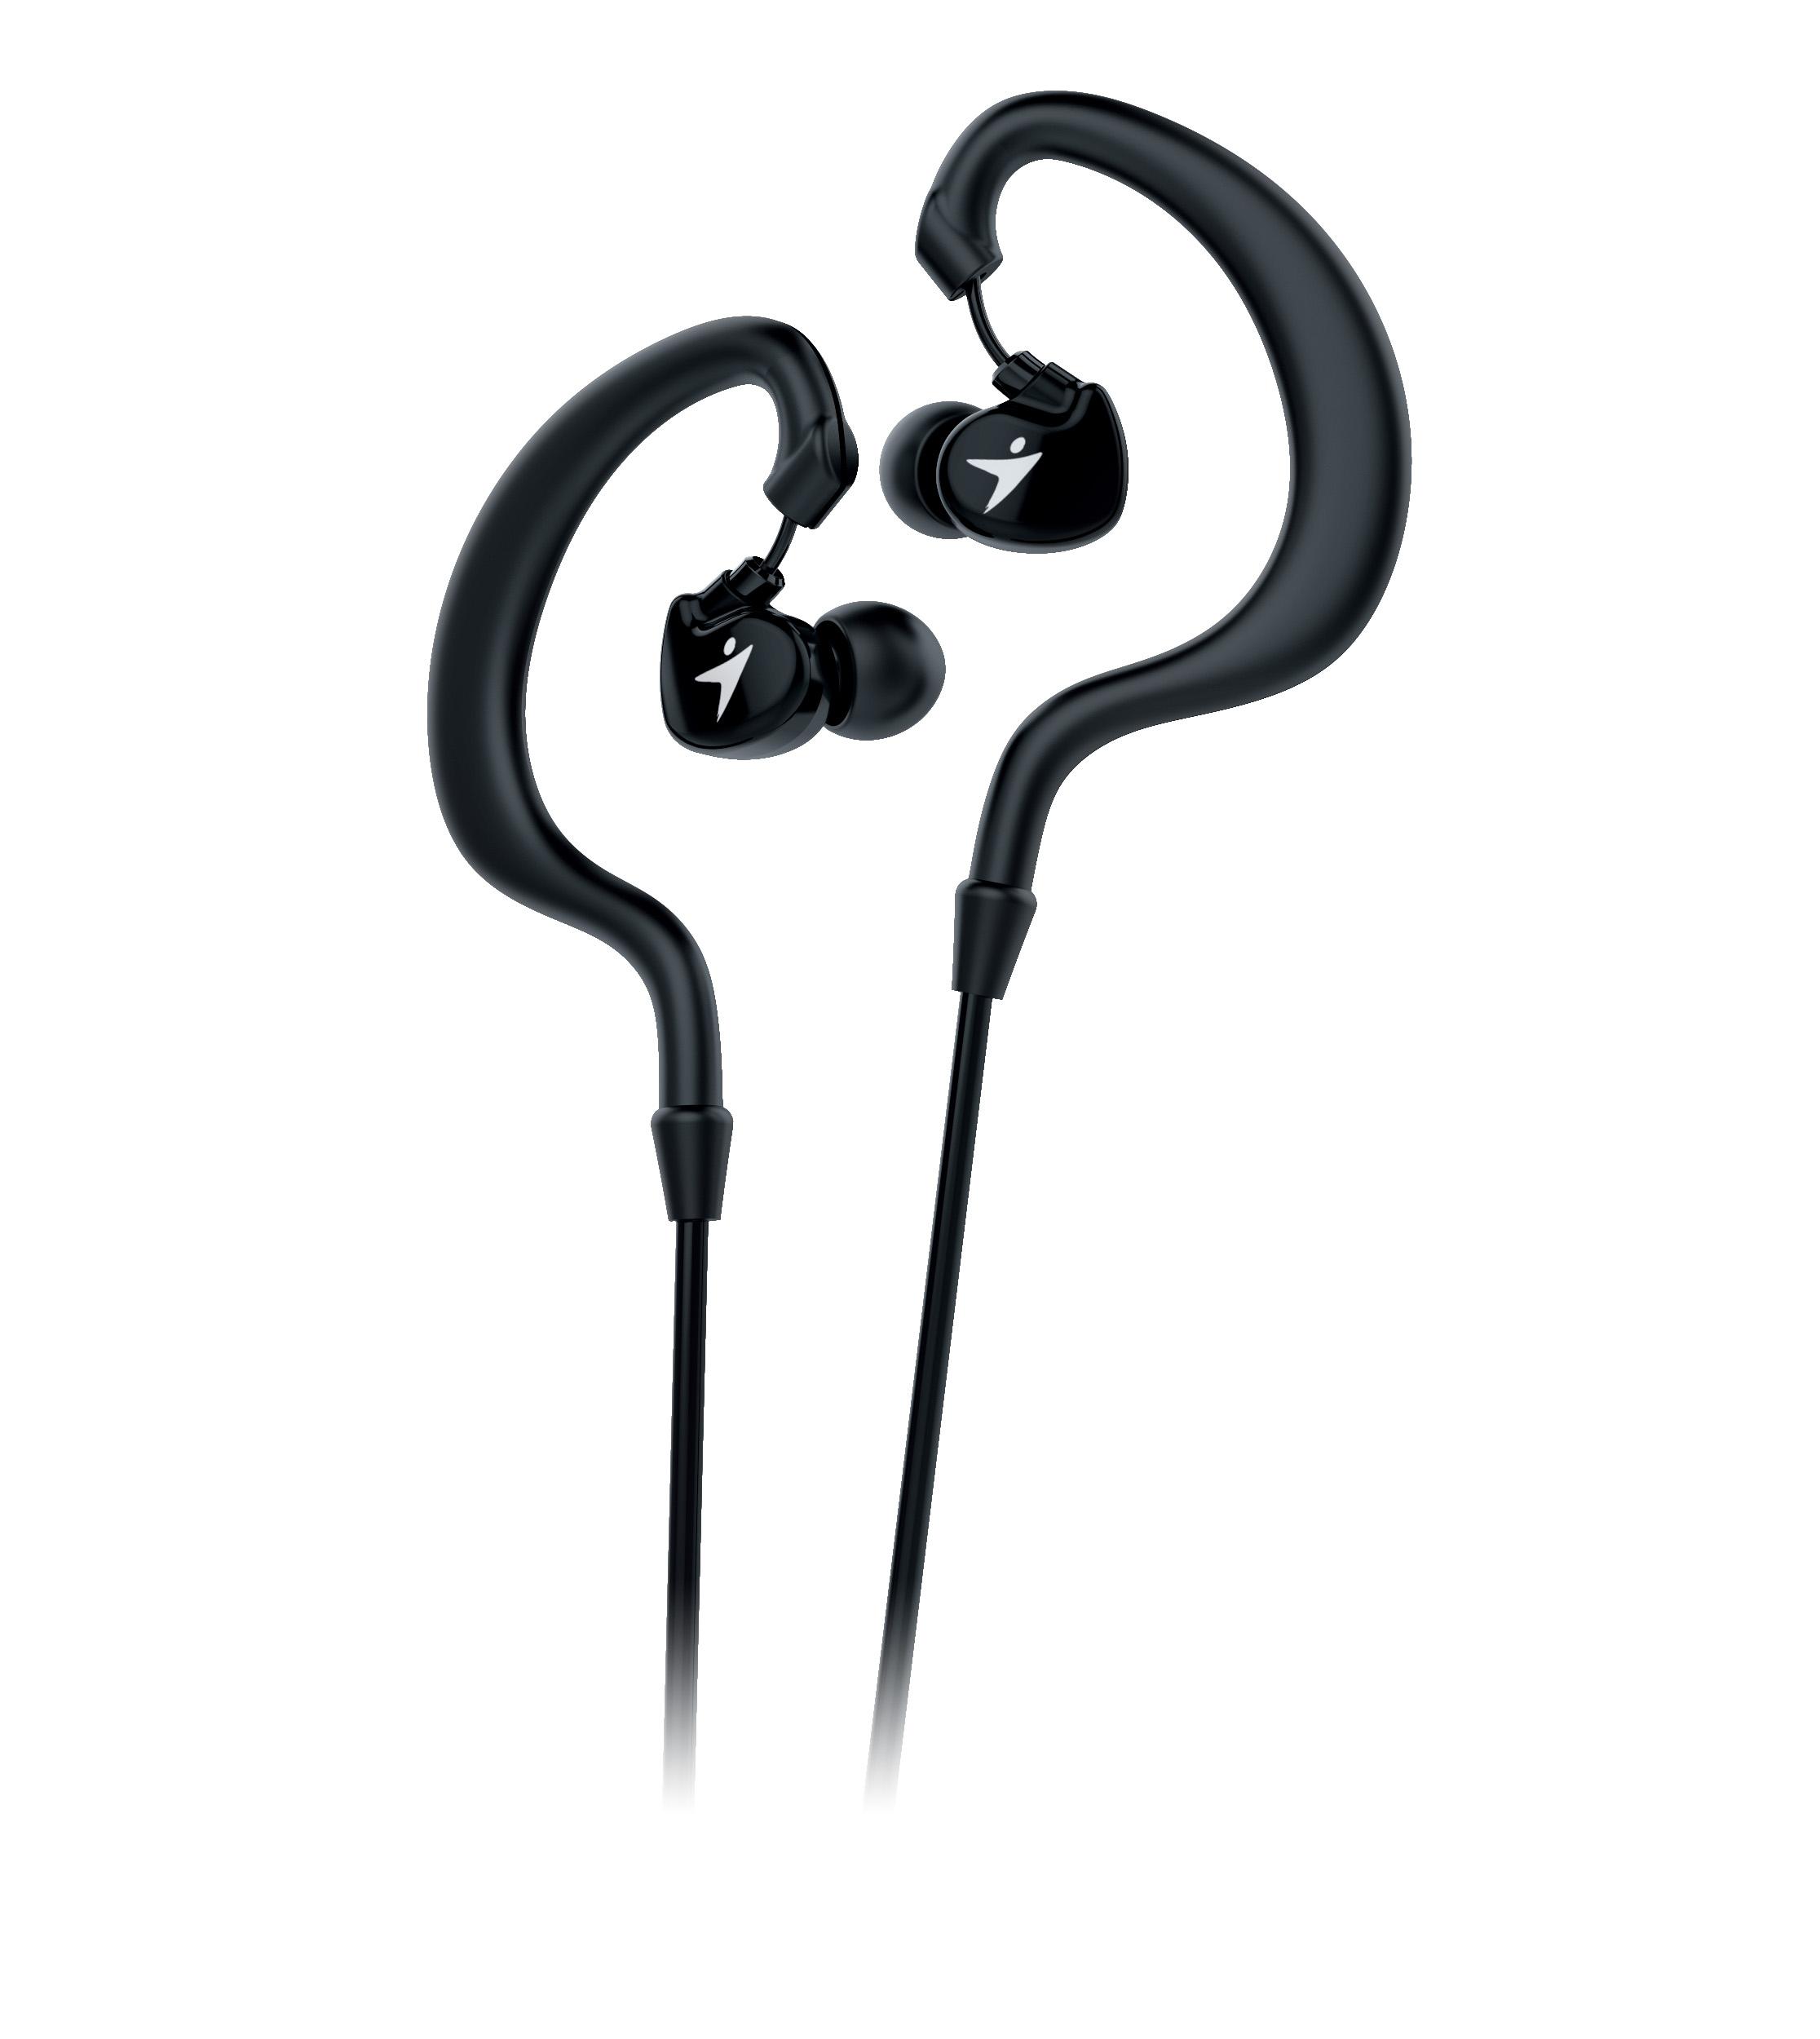 Wholesale headset : hs-m270,black